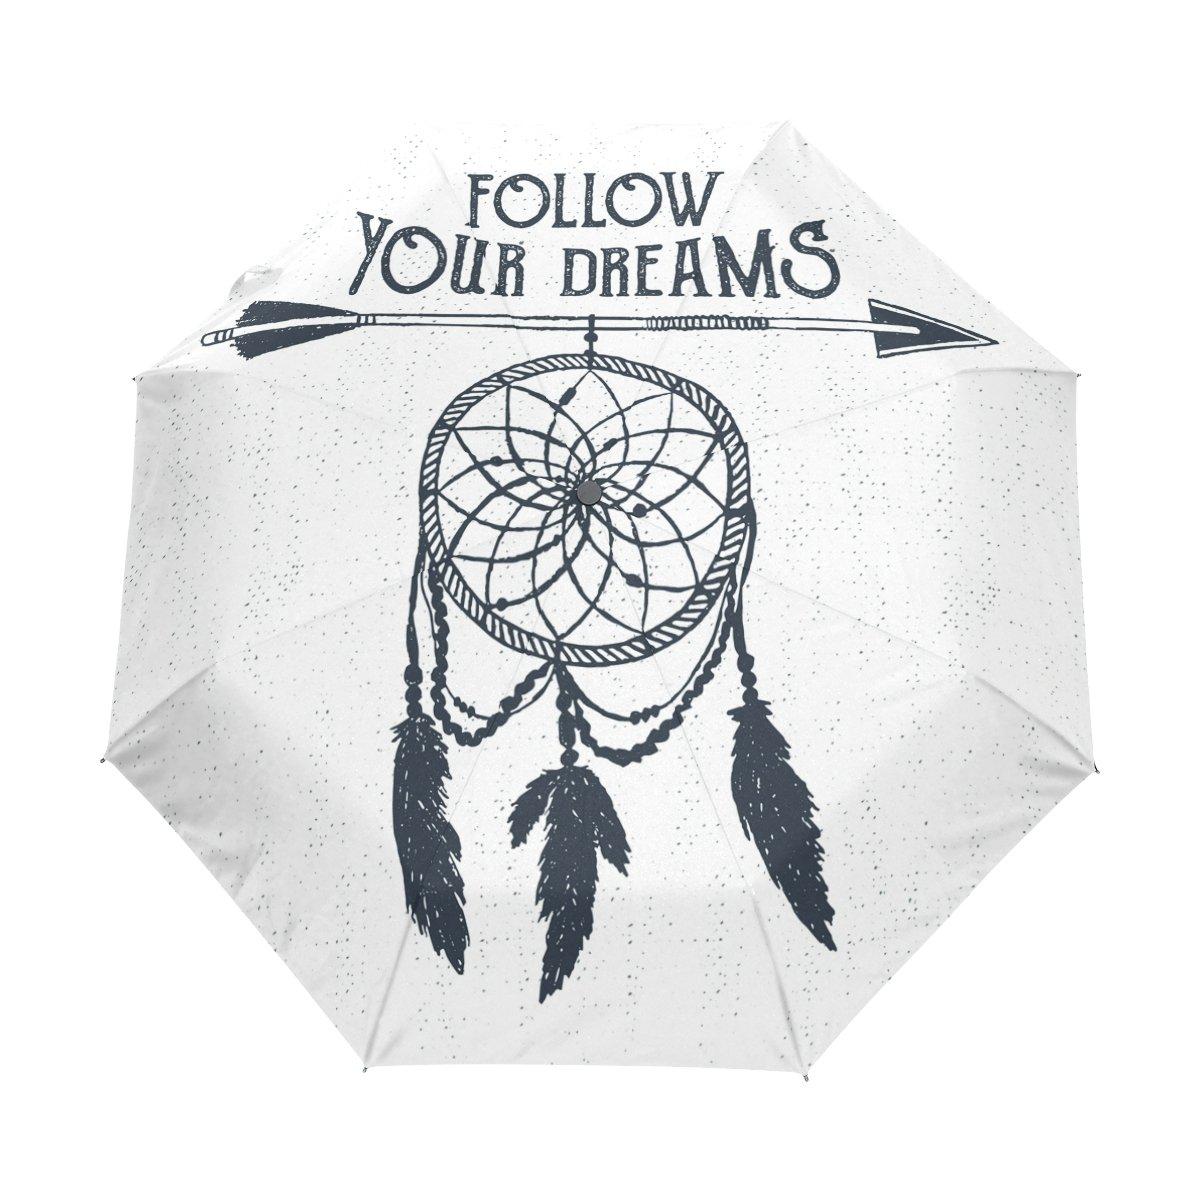 deyyaドリームキャッチャーフェザーホワイト防風旅行傘自動的に開く閉じる軽量コンパクトゴルフ傘 B075GLR1R6